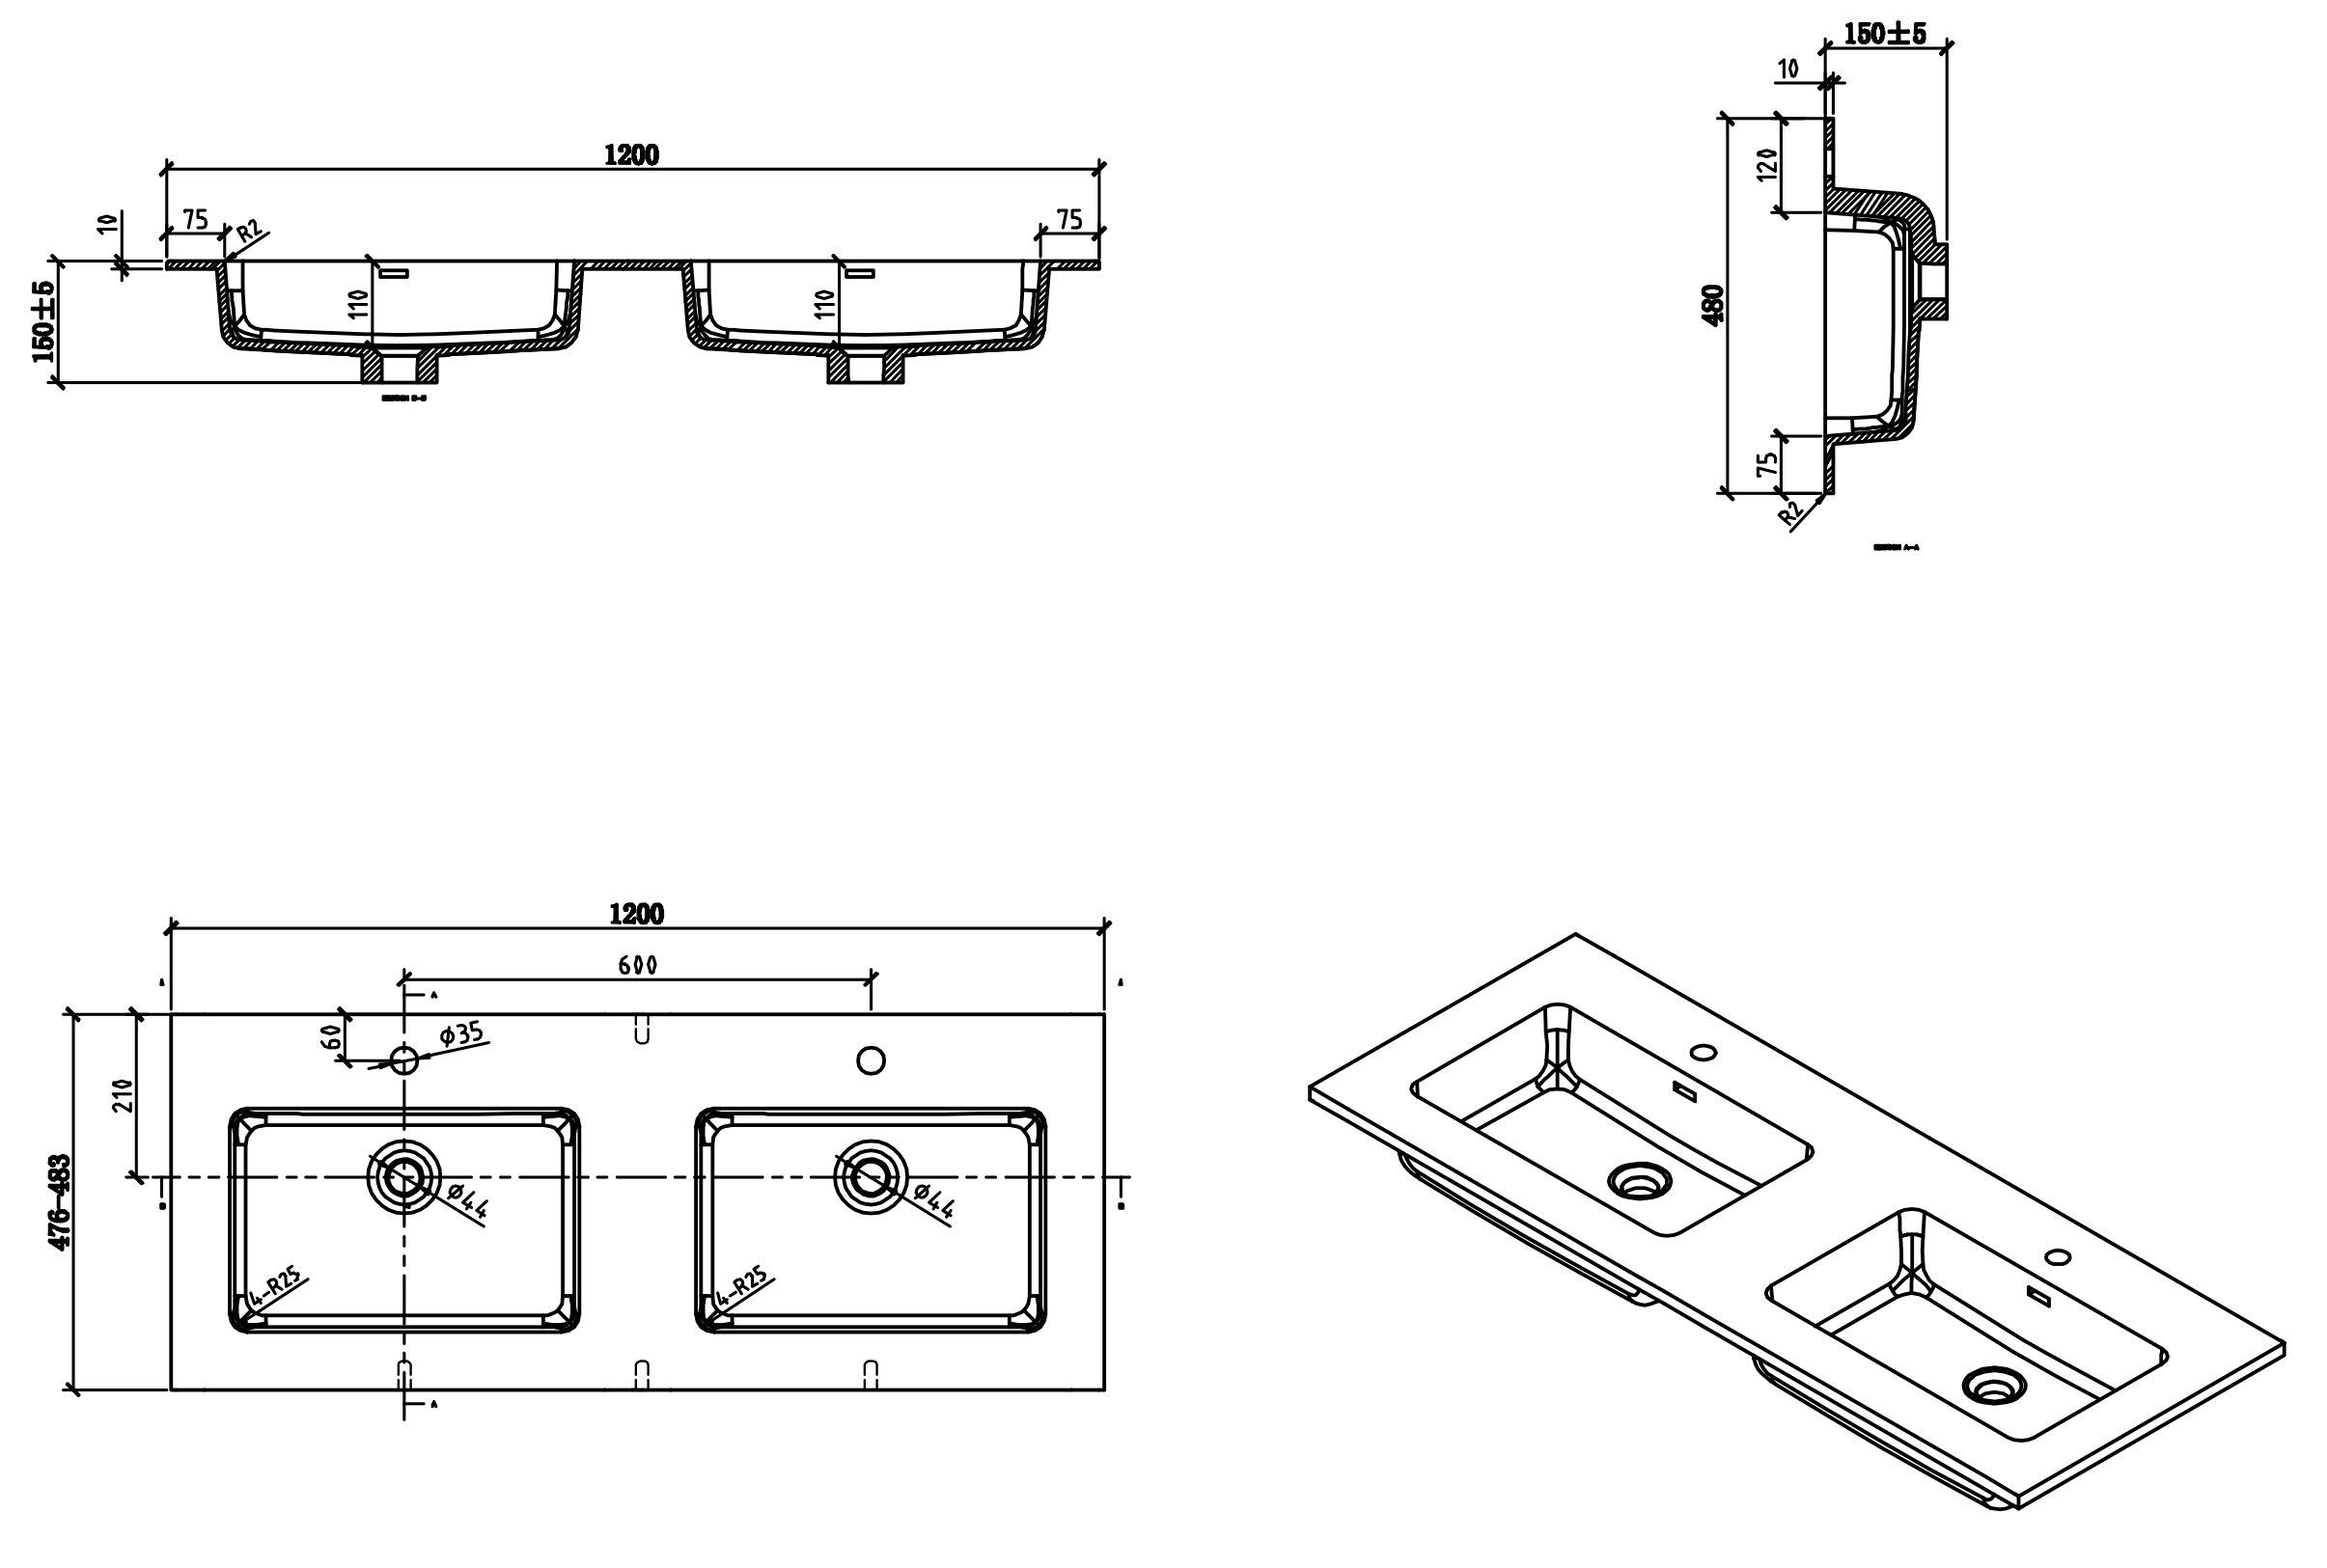 Badmöbel-Set Alice 1200 Eiche - Spiegel und Seitenschränke optional